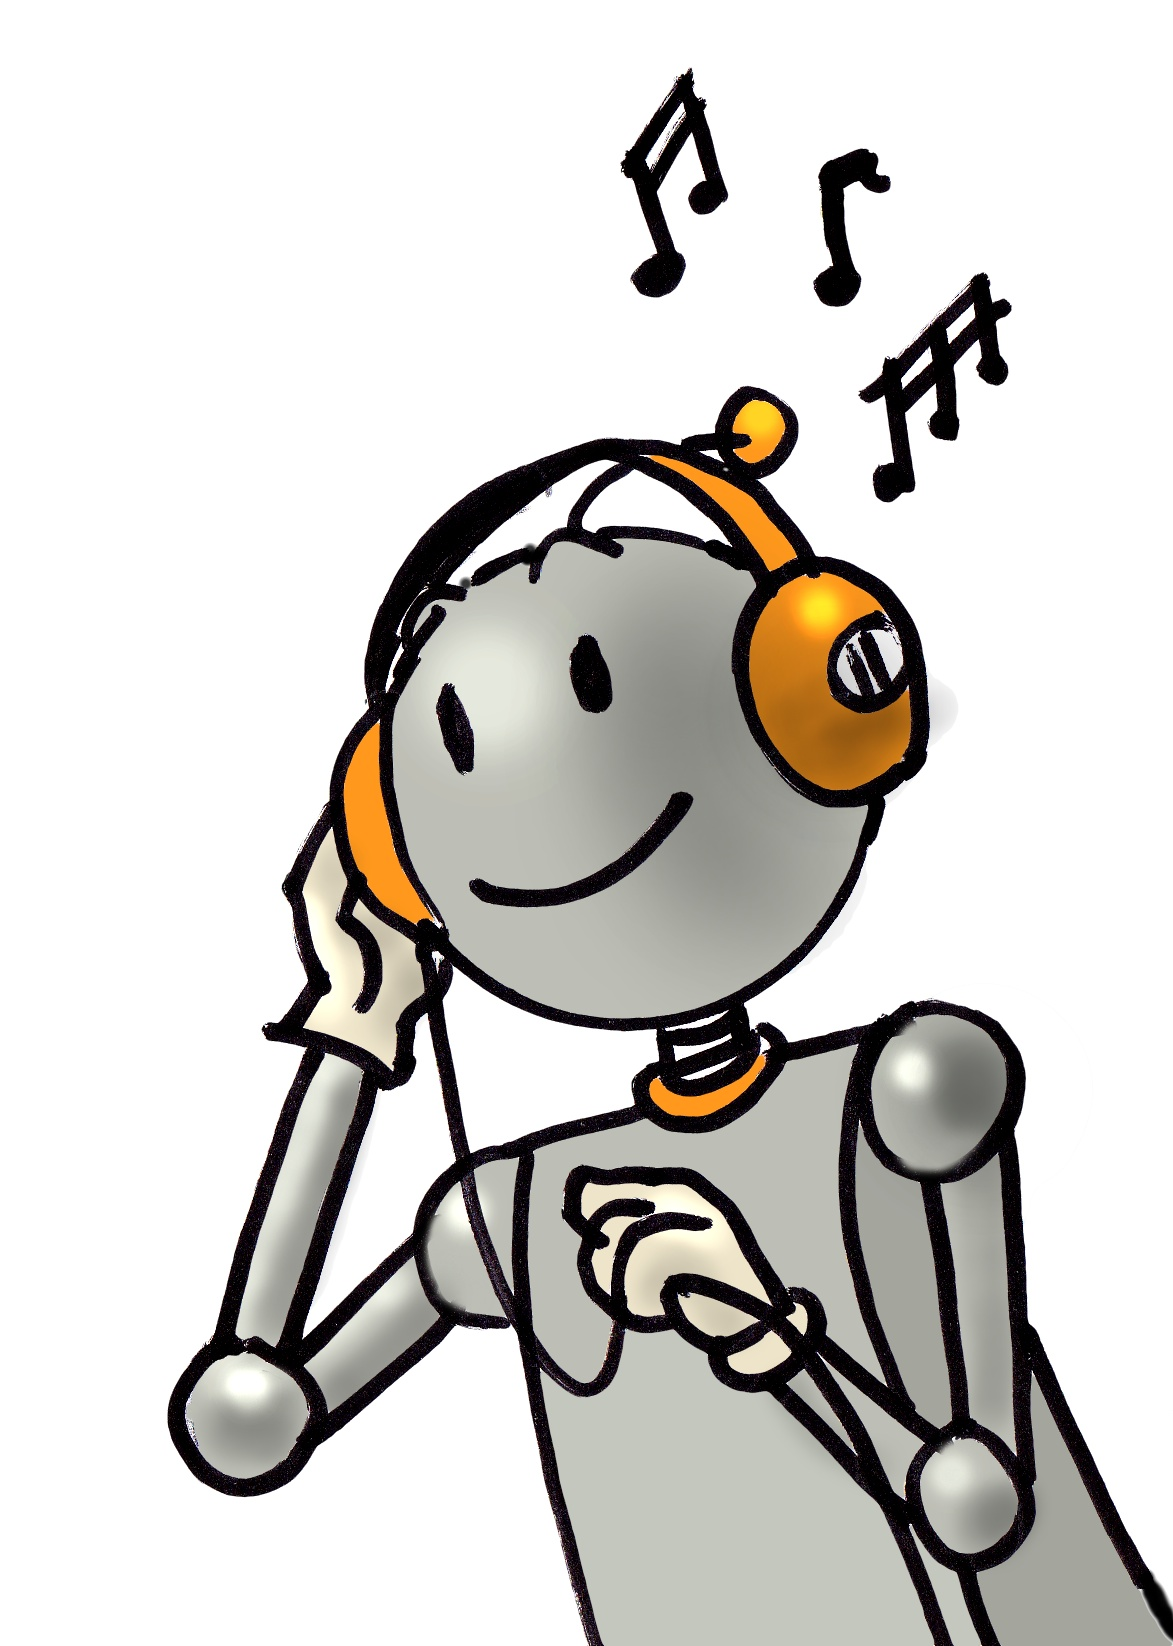 Bout Images Gomme De Recherche RobotsRésultats bgyYf67